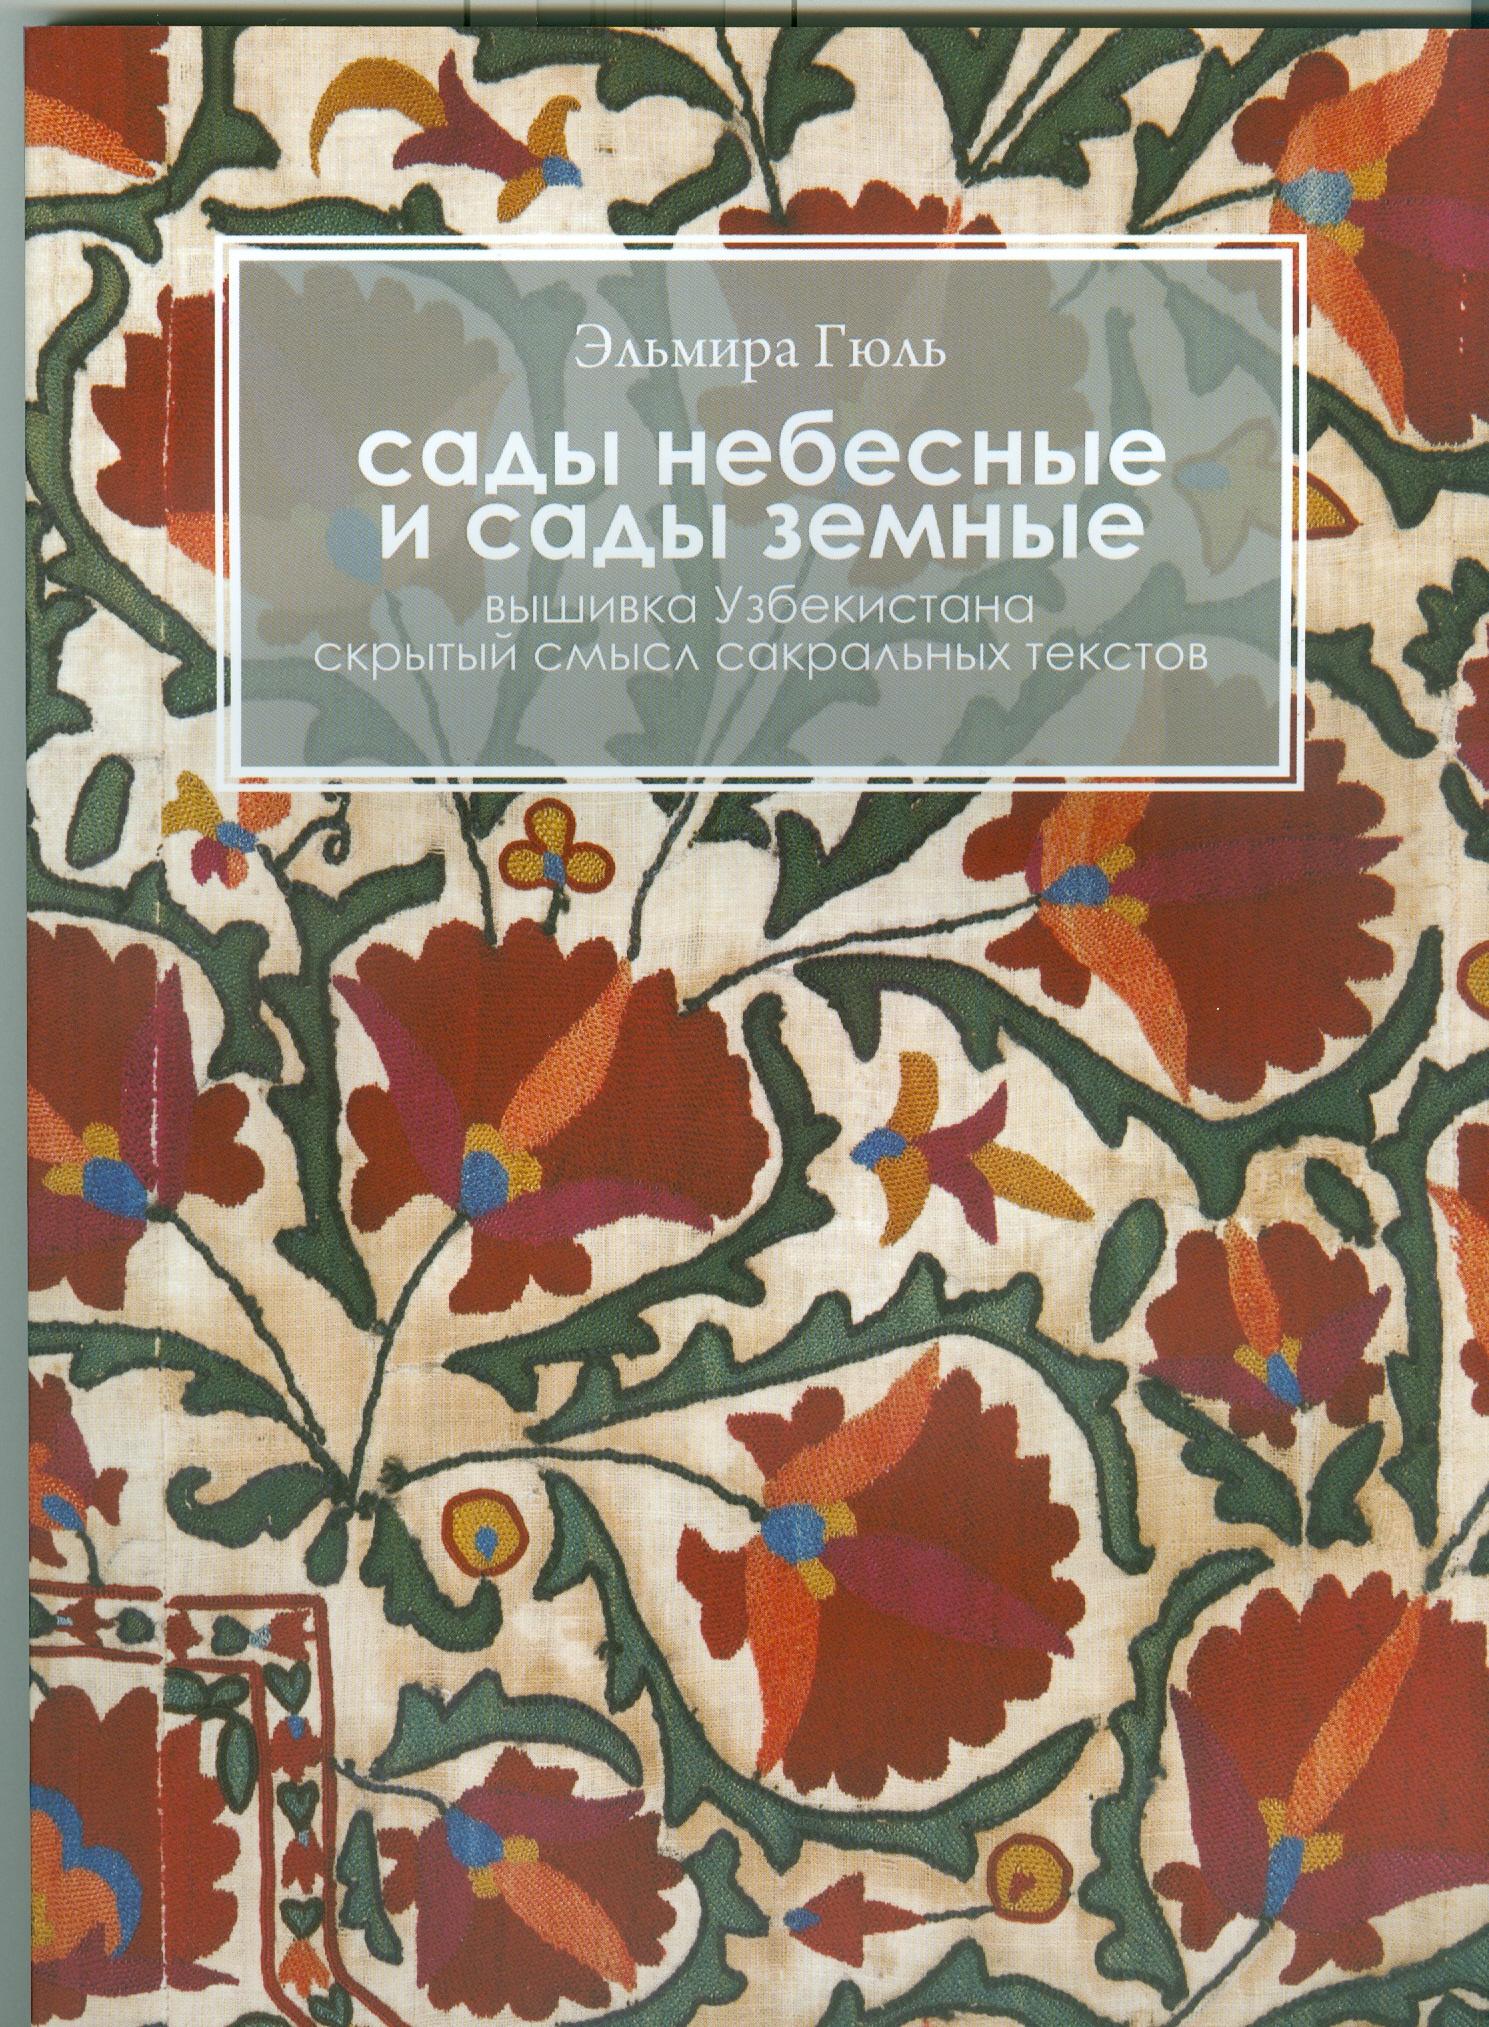 Сады небесные и сады земные. Вышивка Узбекистана. Скрытый смысл сакральных текстов